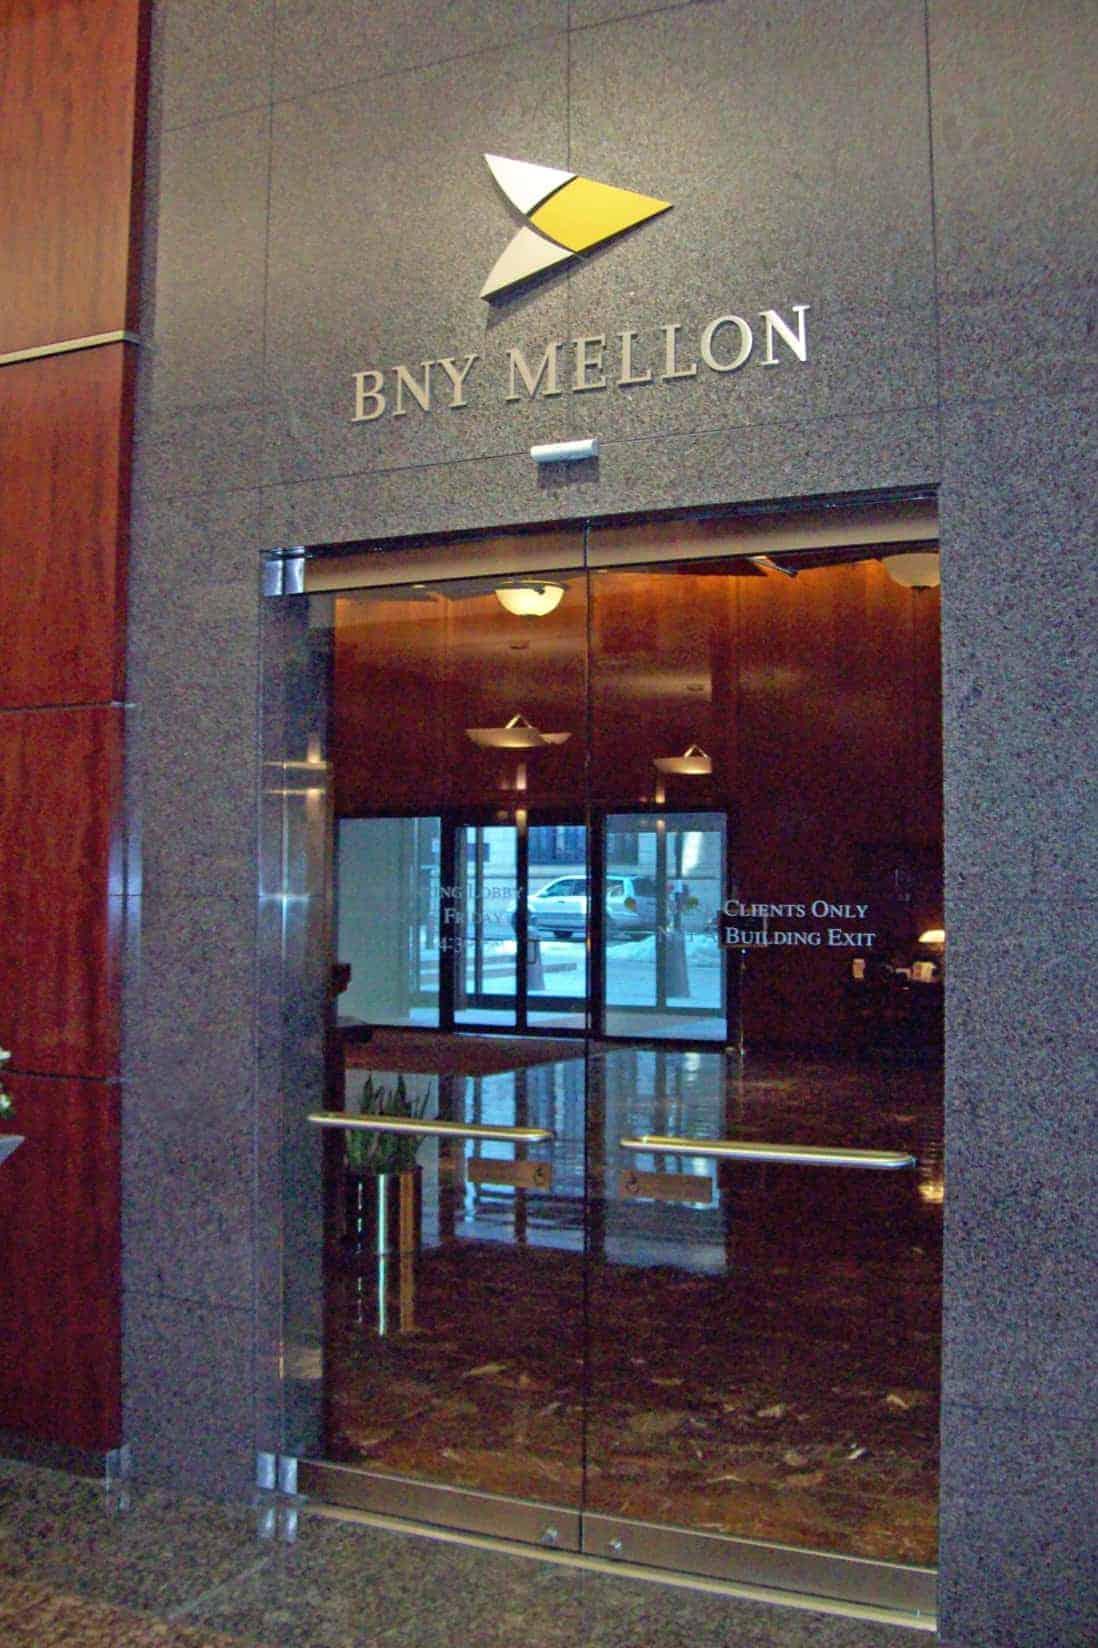 BNY Mellon2